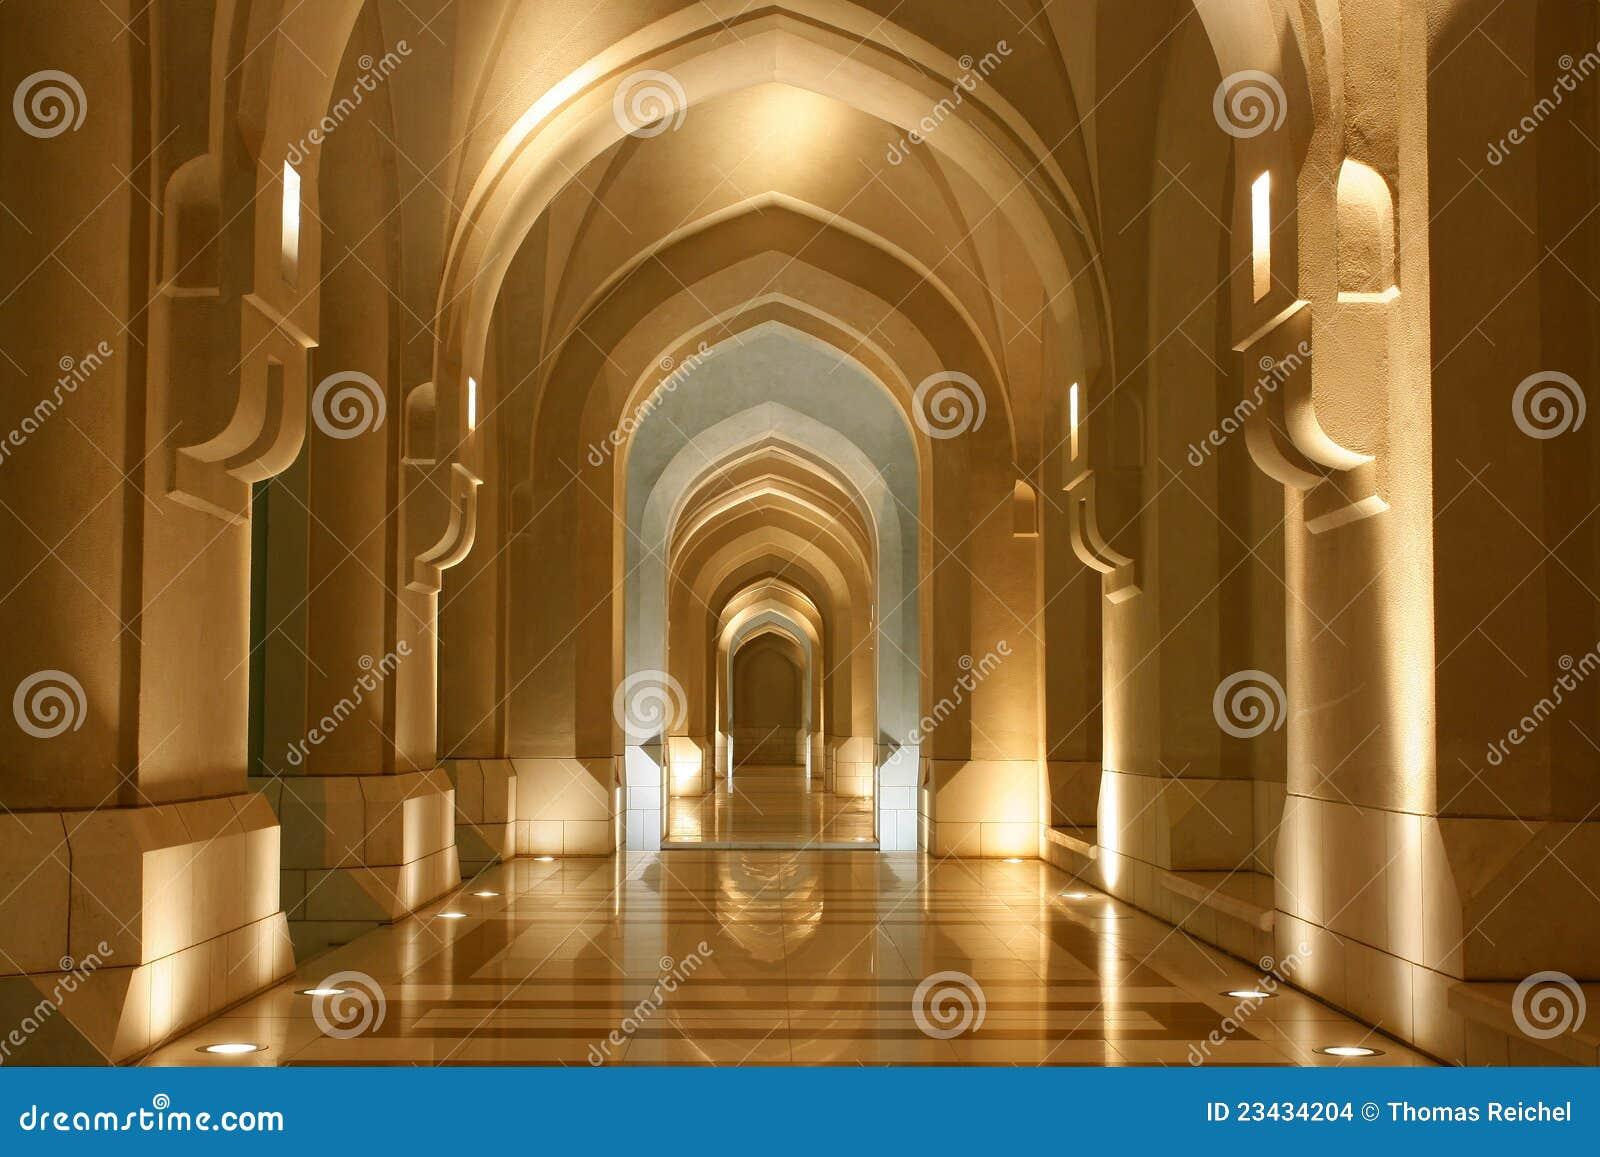 Sultanat von oman torbogen orientalische architektur for Architecture orientale